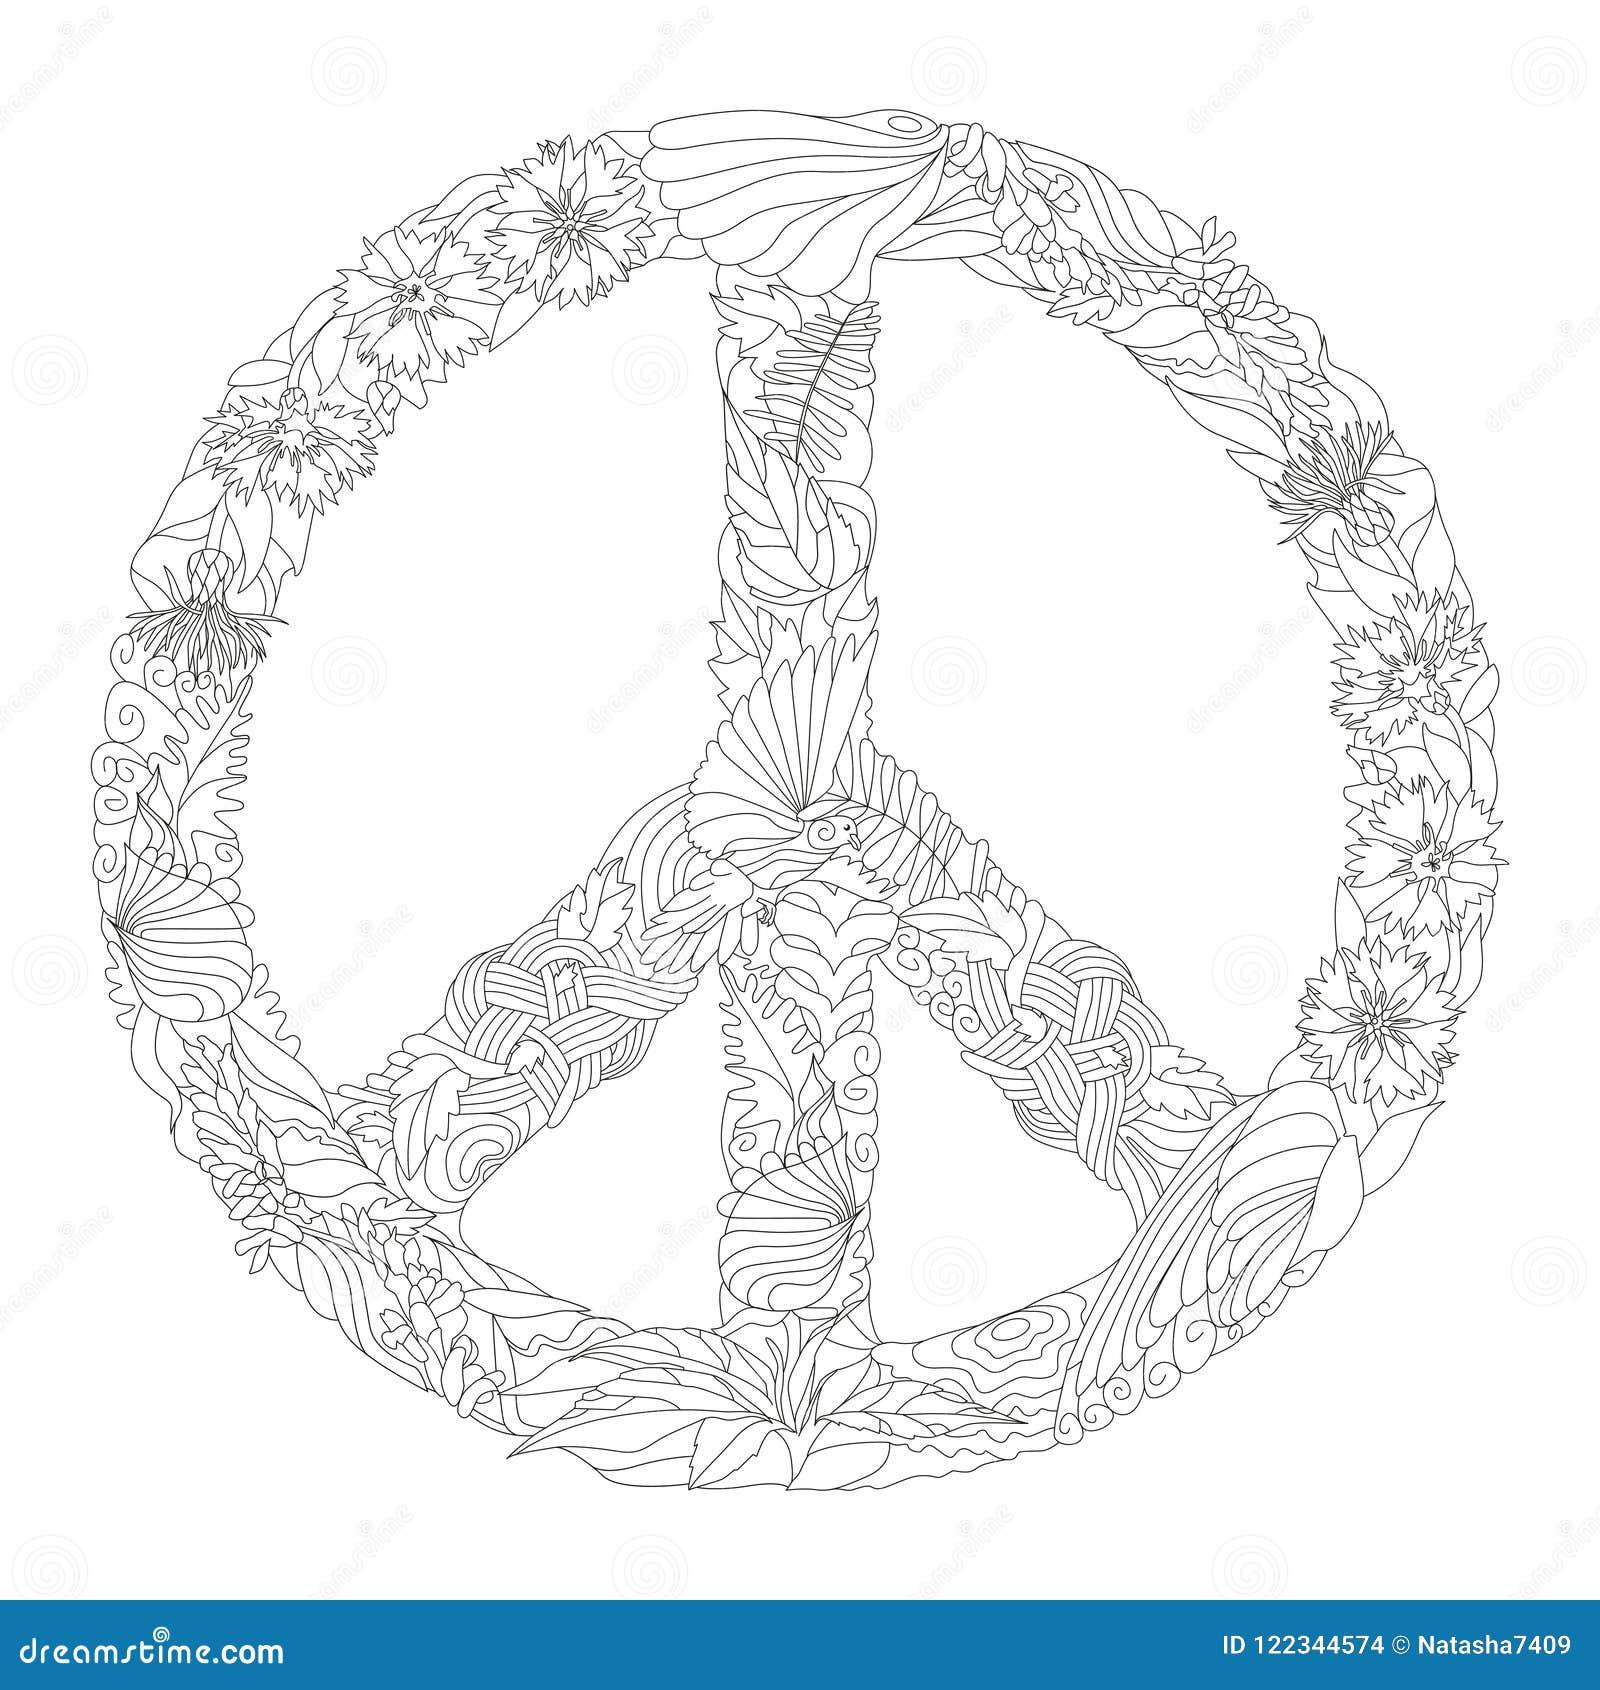 Zentangle Estilizou O Sinal Da Paz Para Colorir Ilustracao Tirada